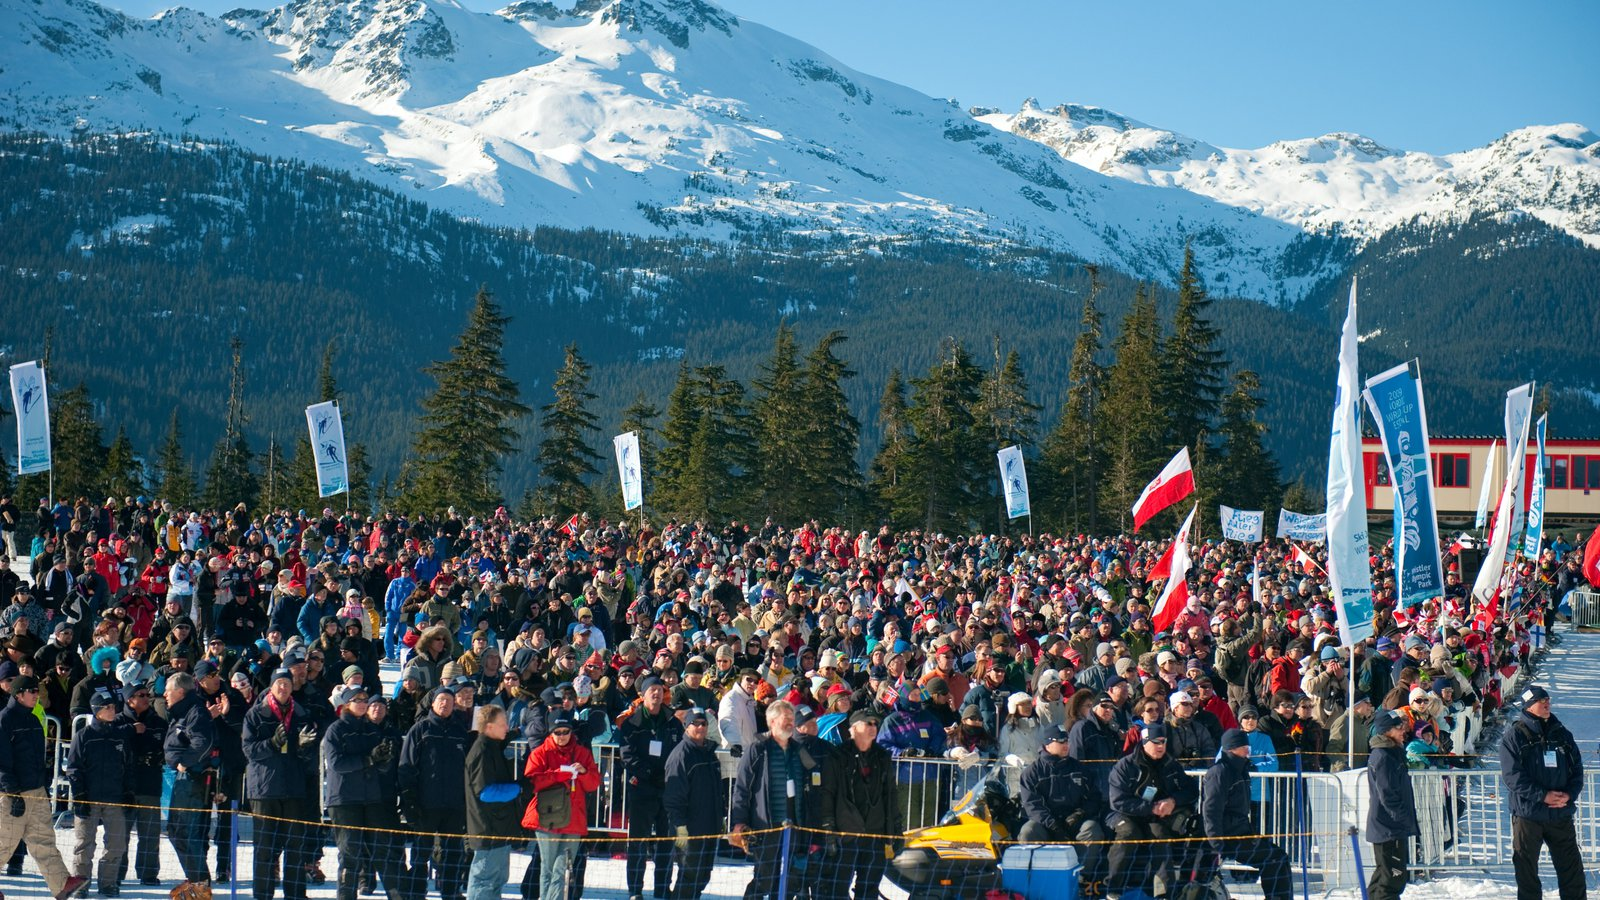 Whistler Olympic Park mostrando montañas y nieve y también un gran grupo de personas